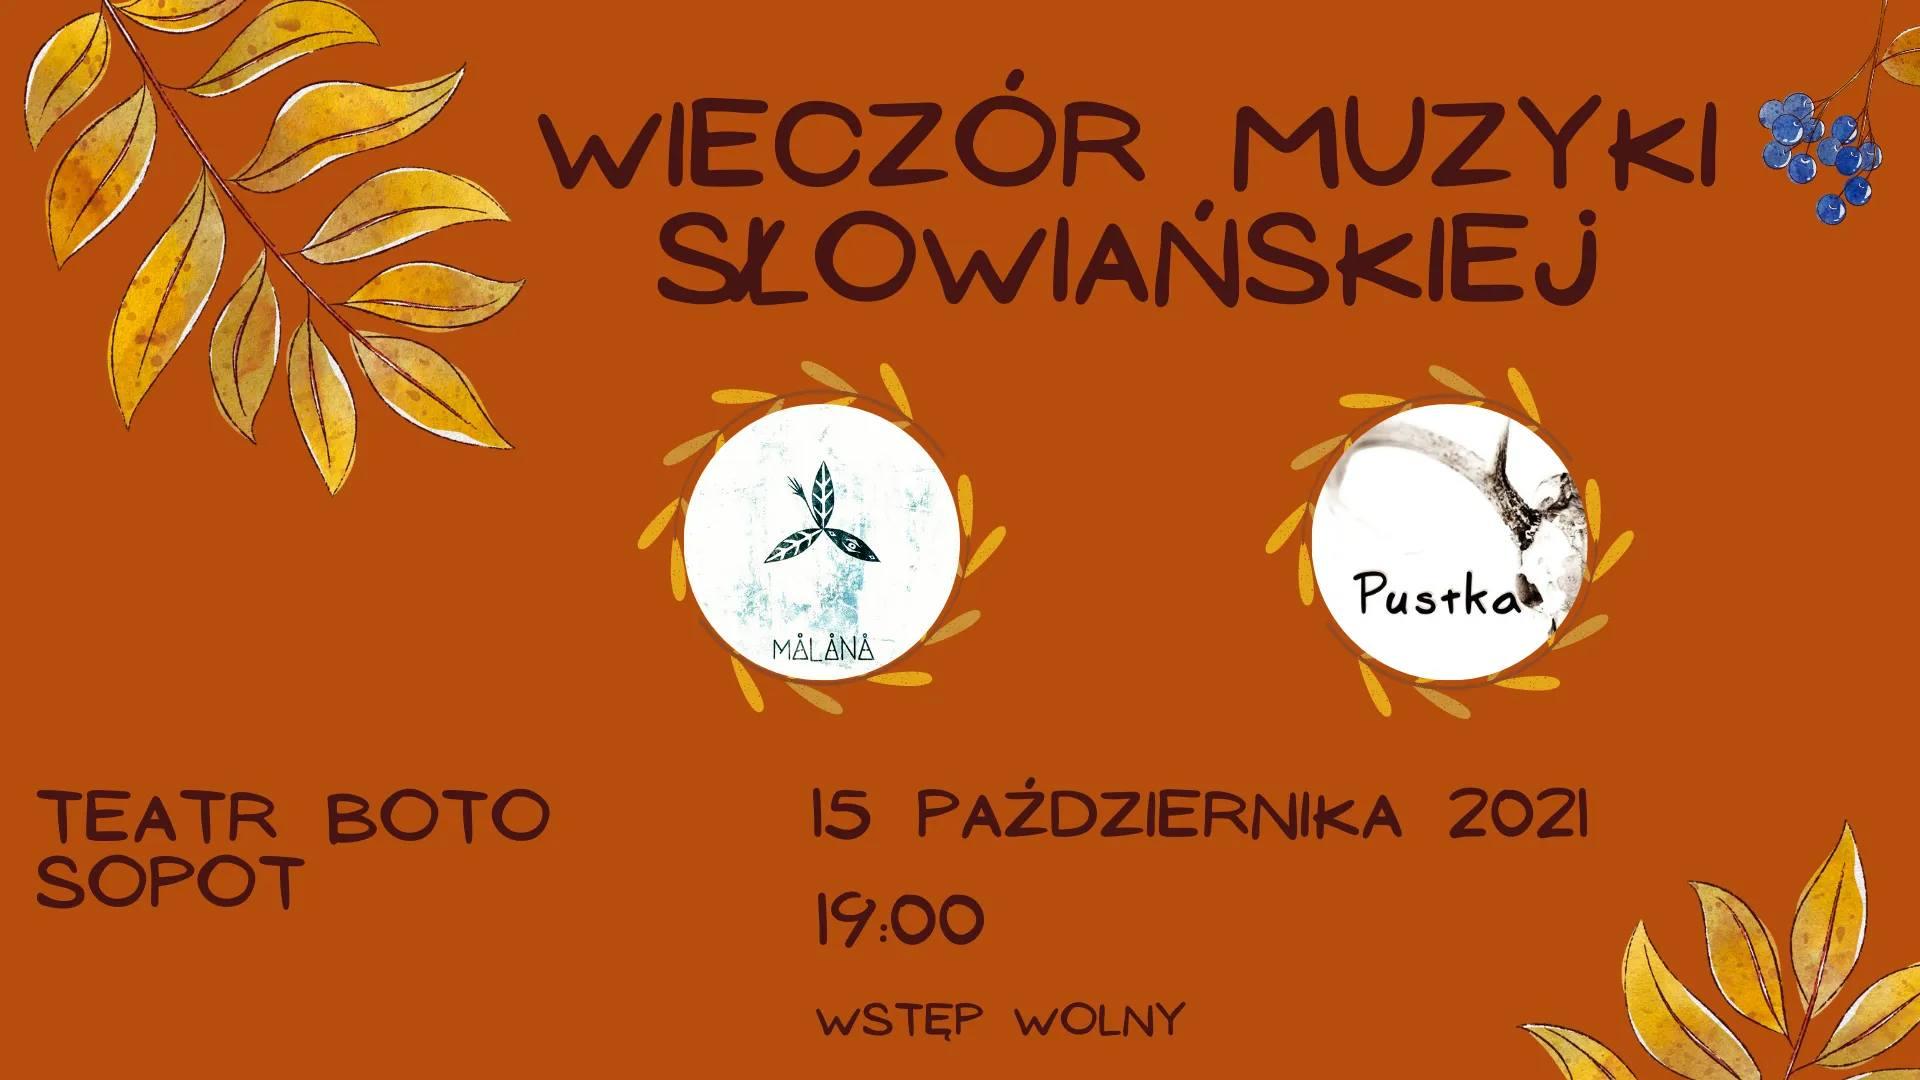 Wieczór muzyki słowiańskiej koncert Malana & Pustka